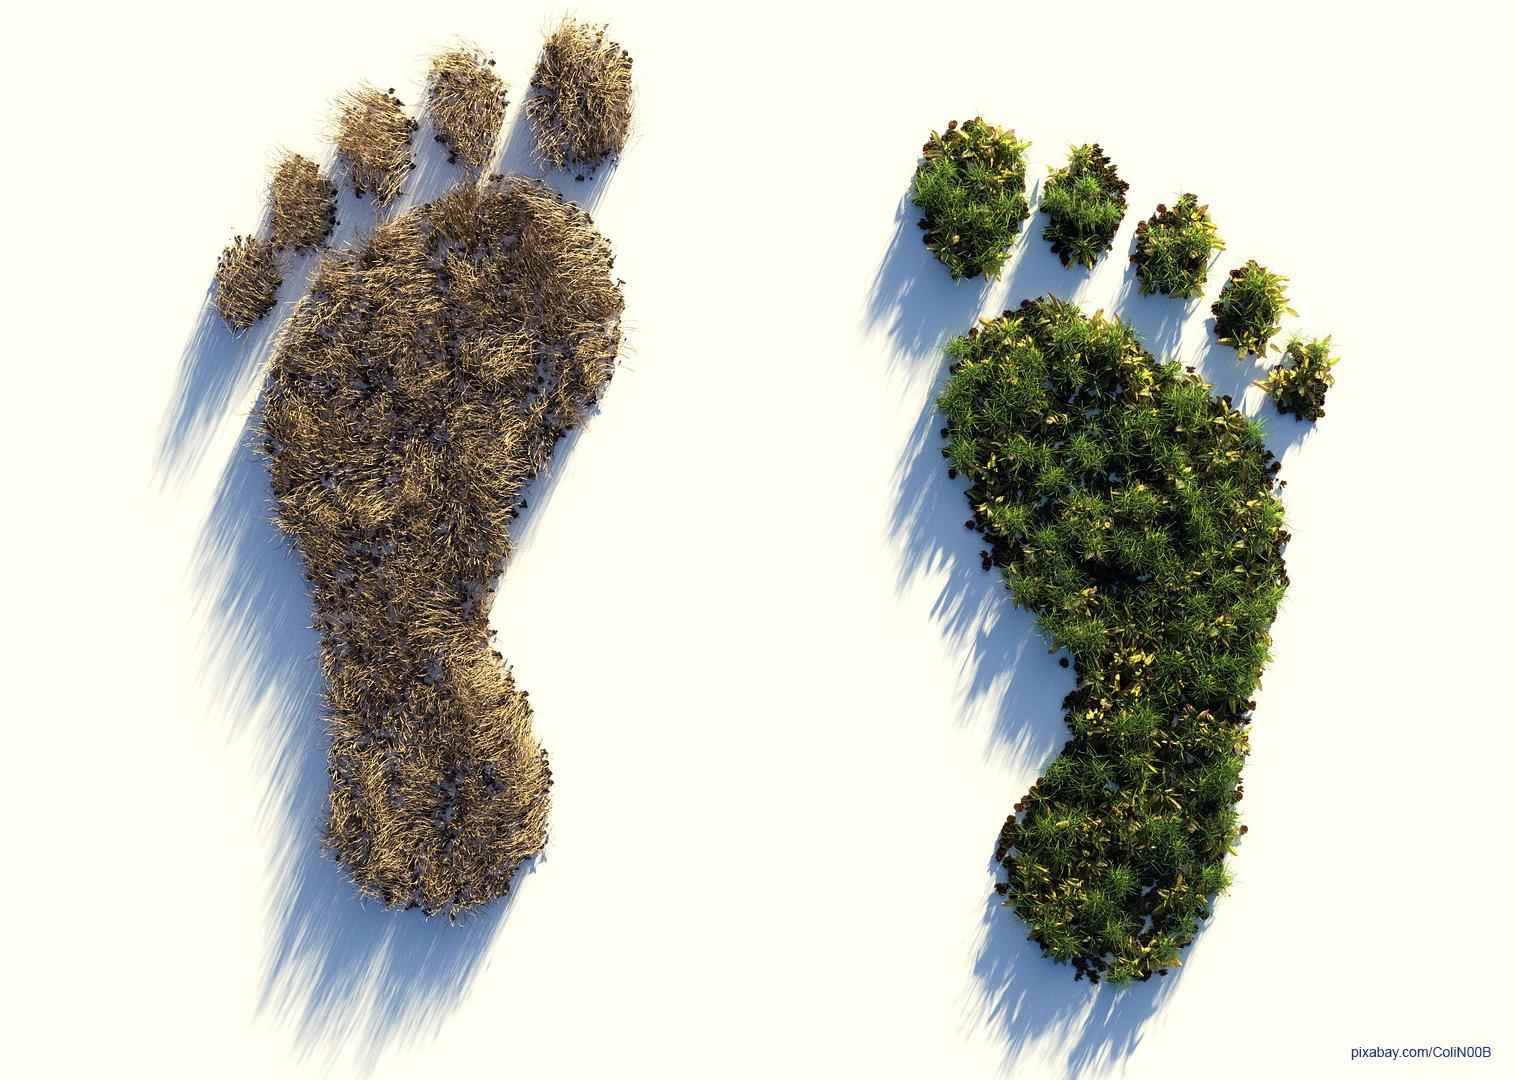 Kennst du deinen CO2-Fußabdruck?